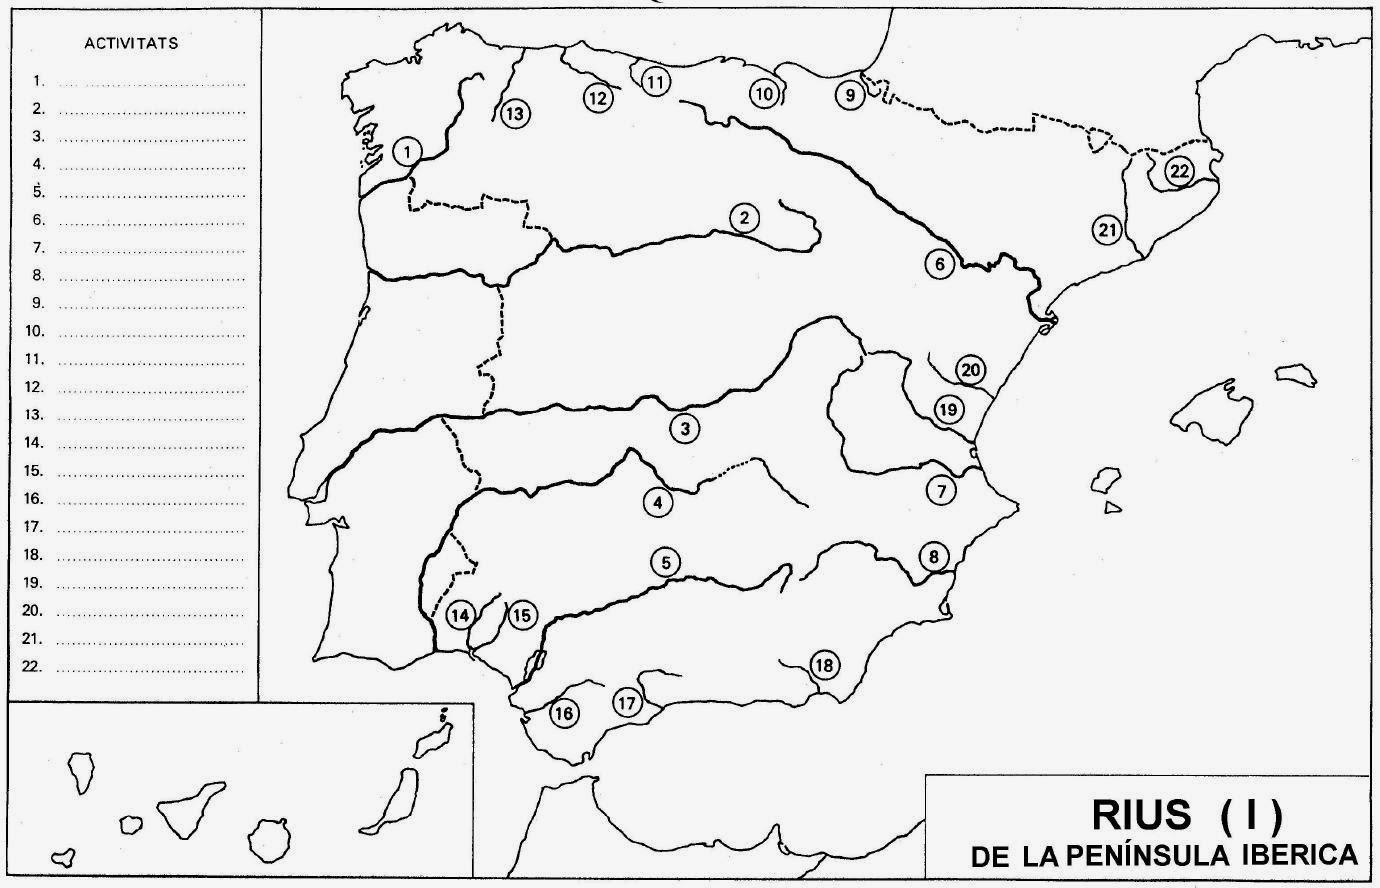 Mapa Fisic Espanya Mut.Mestre A Casa Socials Naturals